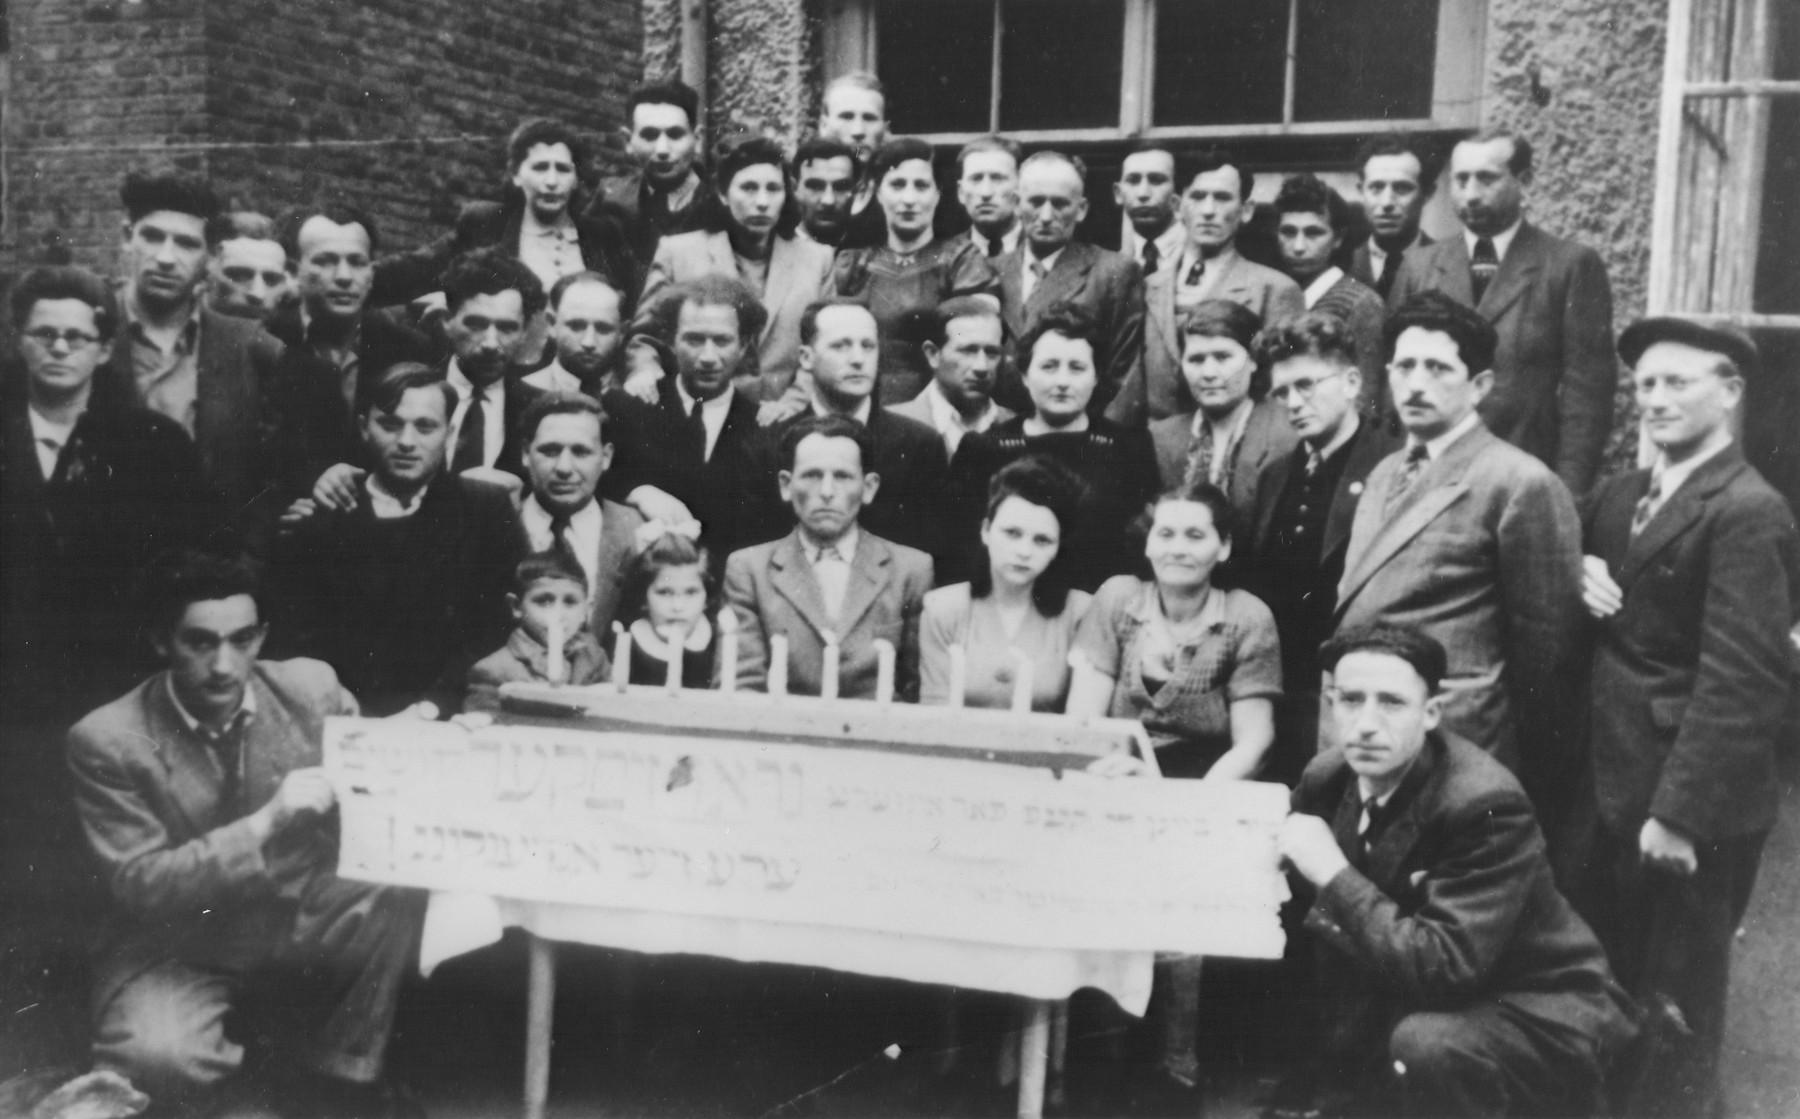 Memorial to the Jews who perished in Grodzisk Mazowiecki.  Those pictured include Mojsze Apfal, Eli Wigdor Wajcer, Lajbus Kamerfuks, Mojsze Korcarz, Mala Friedman, Kalman Wajcman, Lajbus Grossmann, Herszl Wajnberg, Majer Horn, Gedalia Srebruik, and Gucia Liphaber.